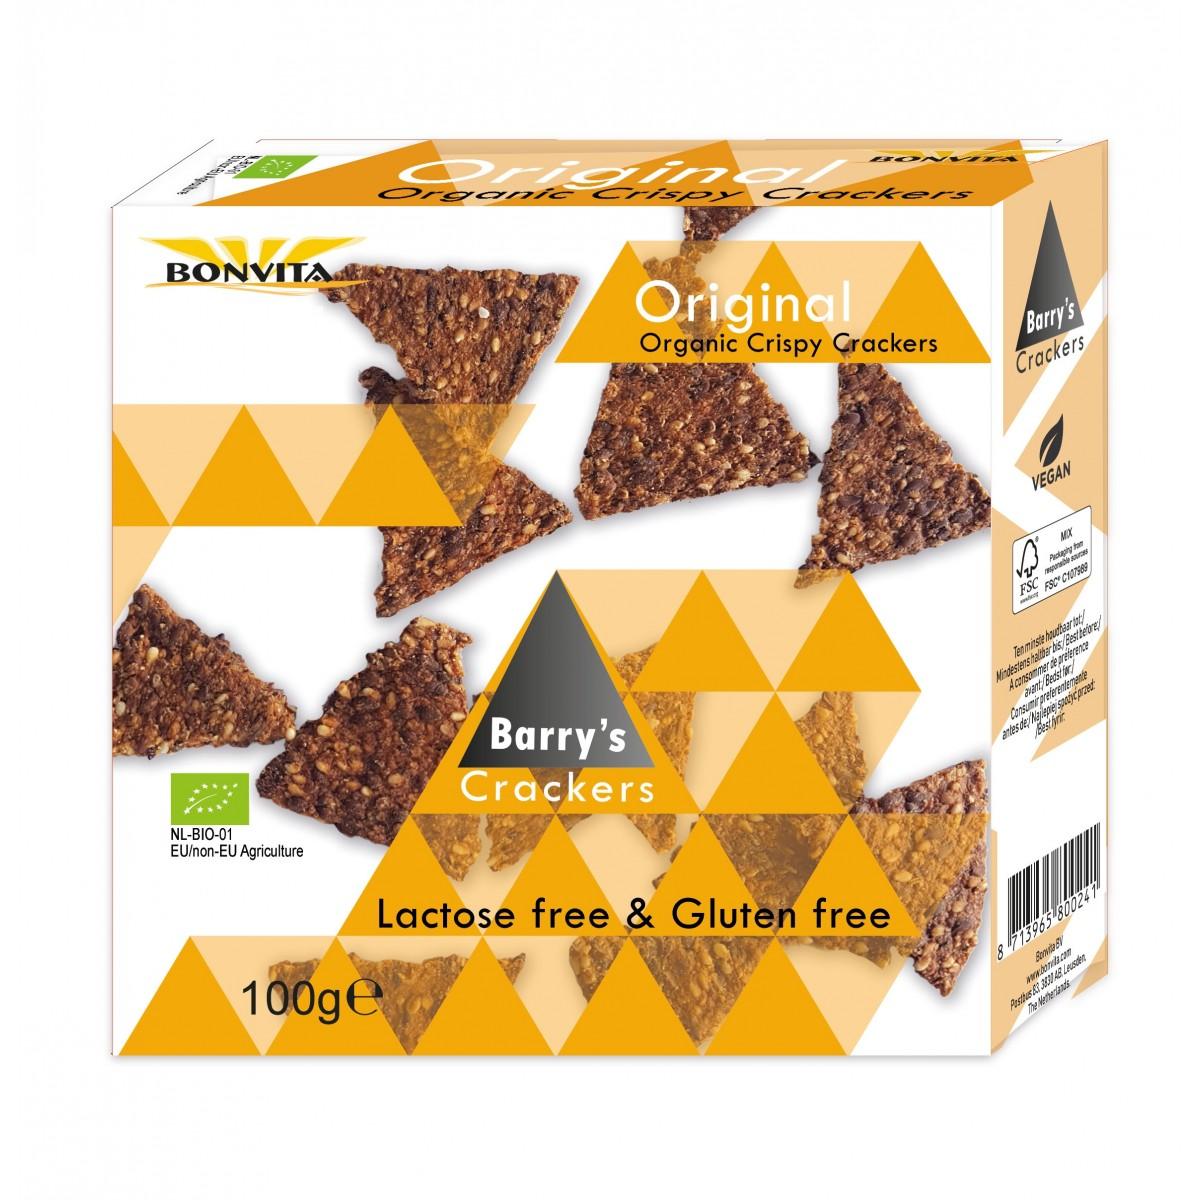 Barry's Crackers Original